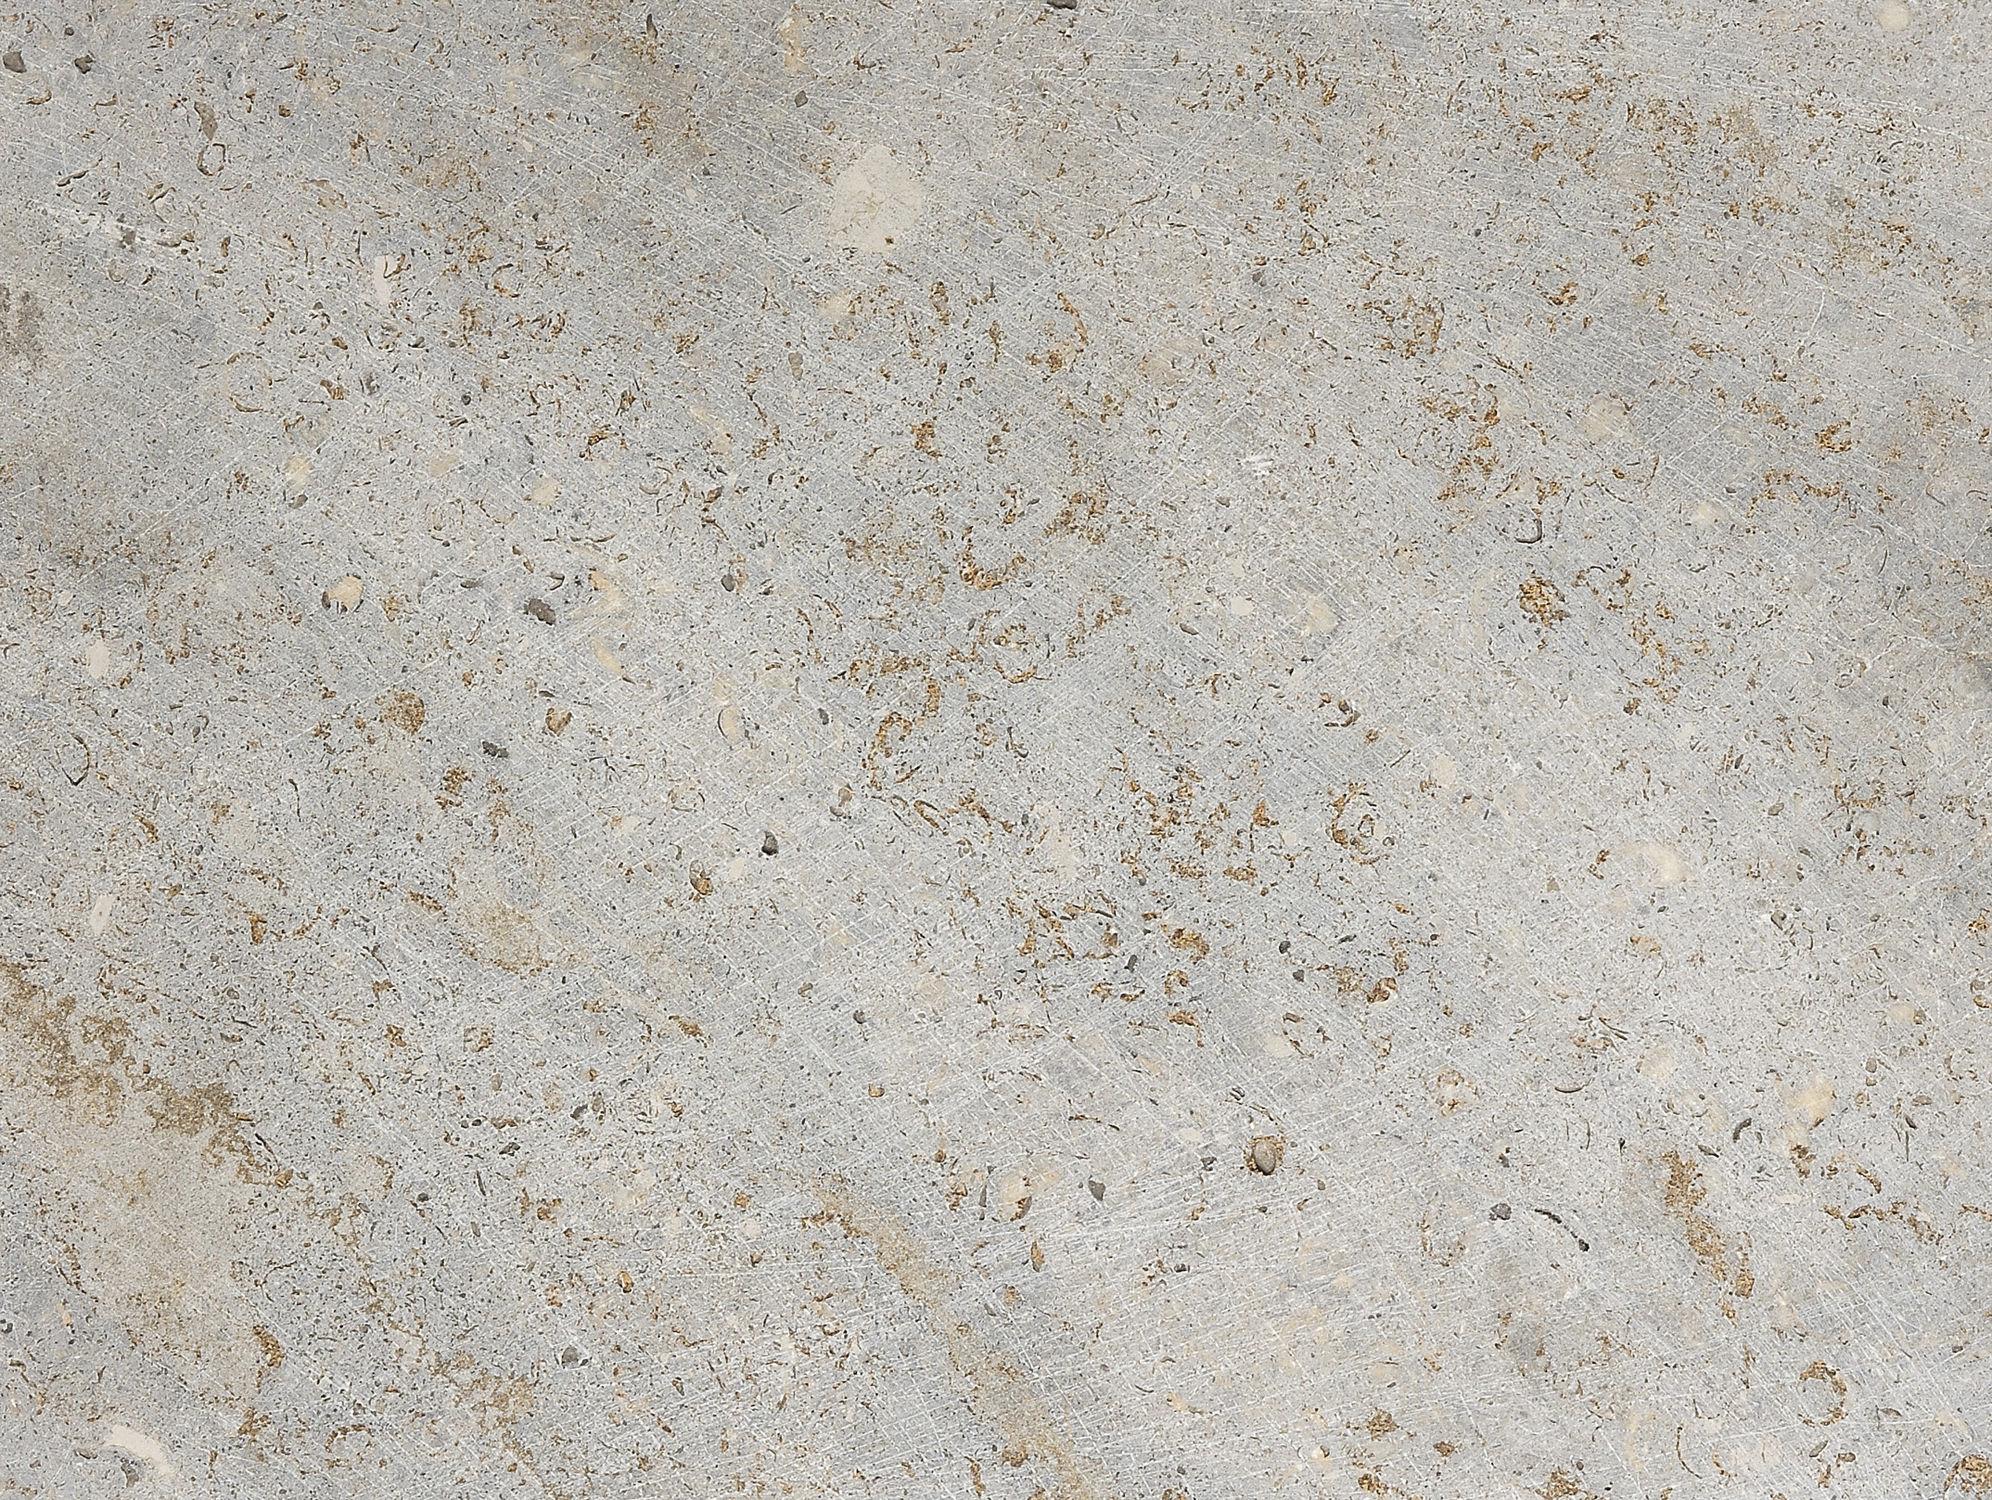 Natursteinarten - Naturstein textur ...